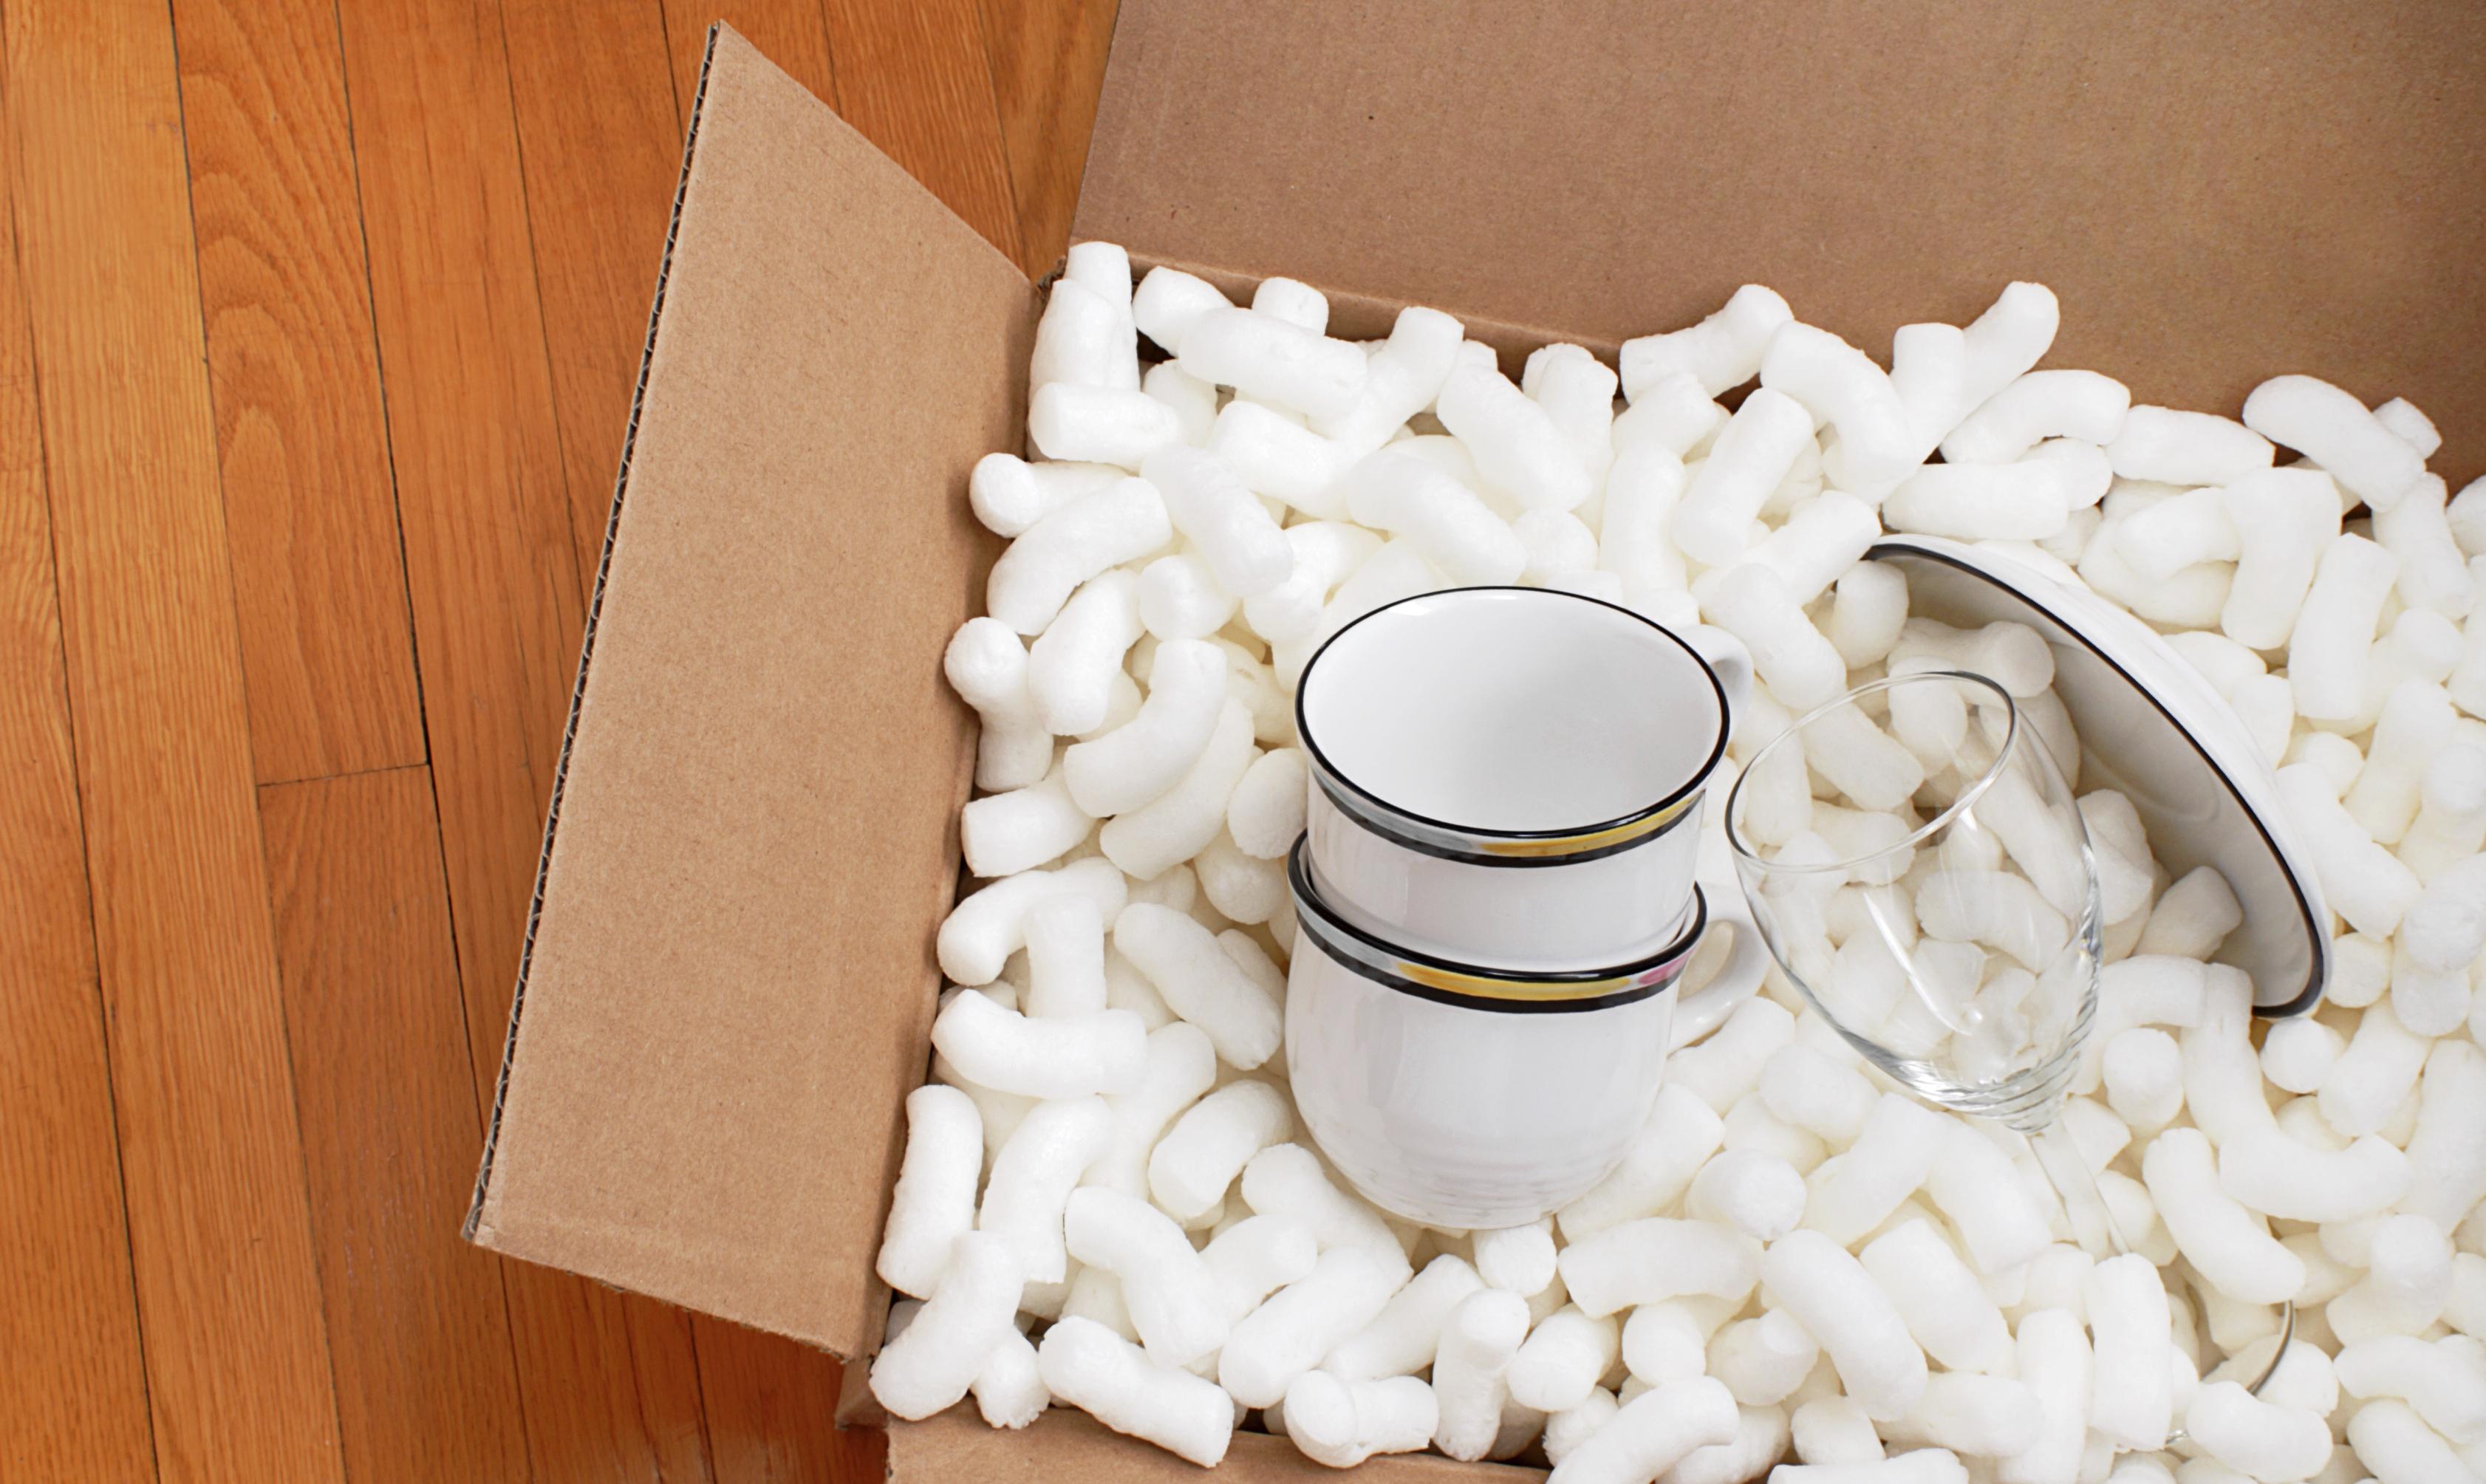 Riciclo creativo polistirolo non sprecare - Idee per riciclare ...